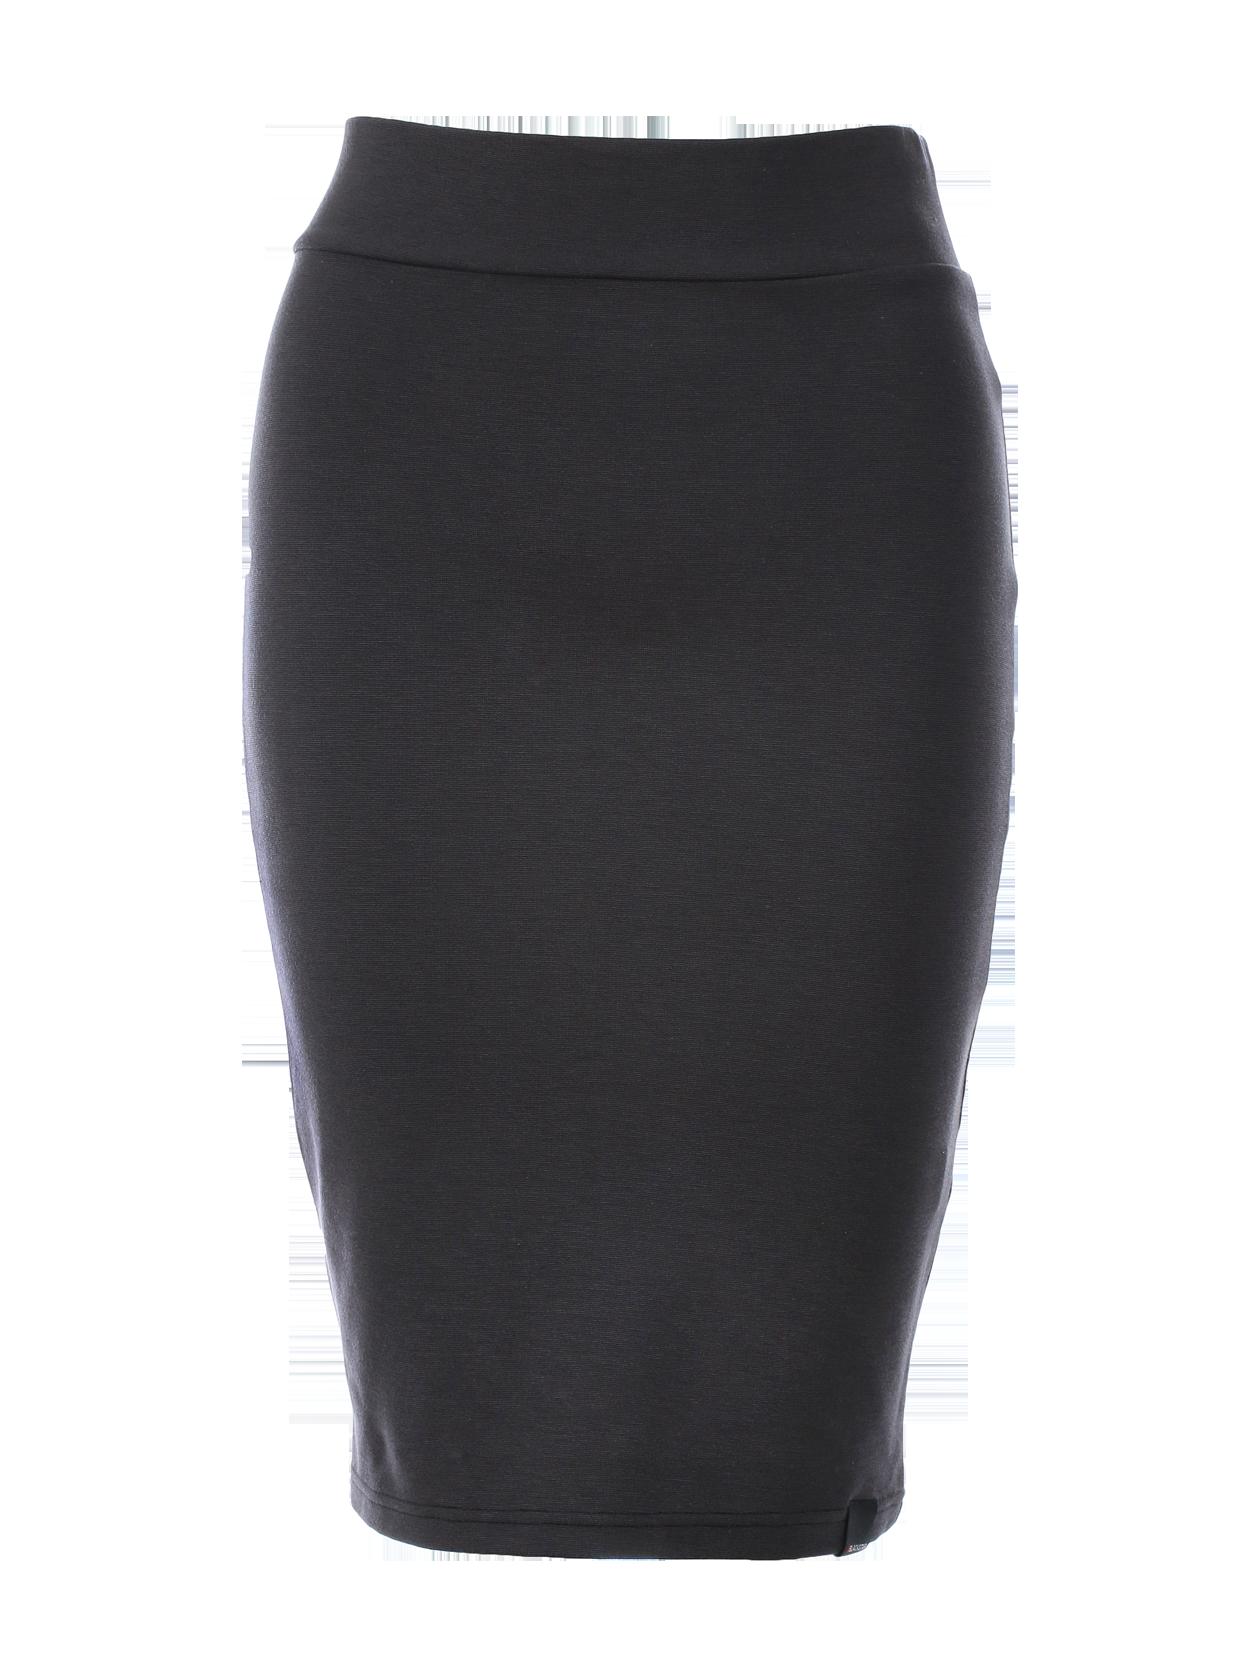 Womens Skirt SkinnyЮбка женская Black Star Wear. Облегающий крой подчёркивает все достоинства женской фигуры. По-настоящему универсальная вещь - одинаково хорошо сочетается, как с футболками, так и с блузами. Подходит для создания образа в любом стиле от casual до street style. Доступна в двух цветах: чёрном и сером.<br><br>size: XS<br>color: Grey<br>gender: female